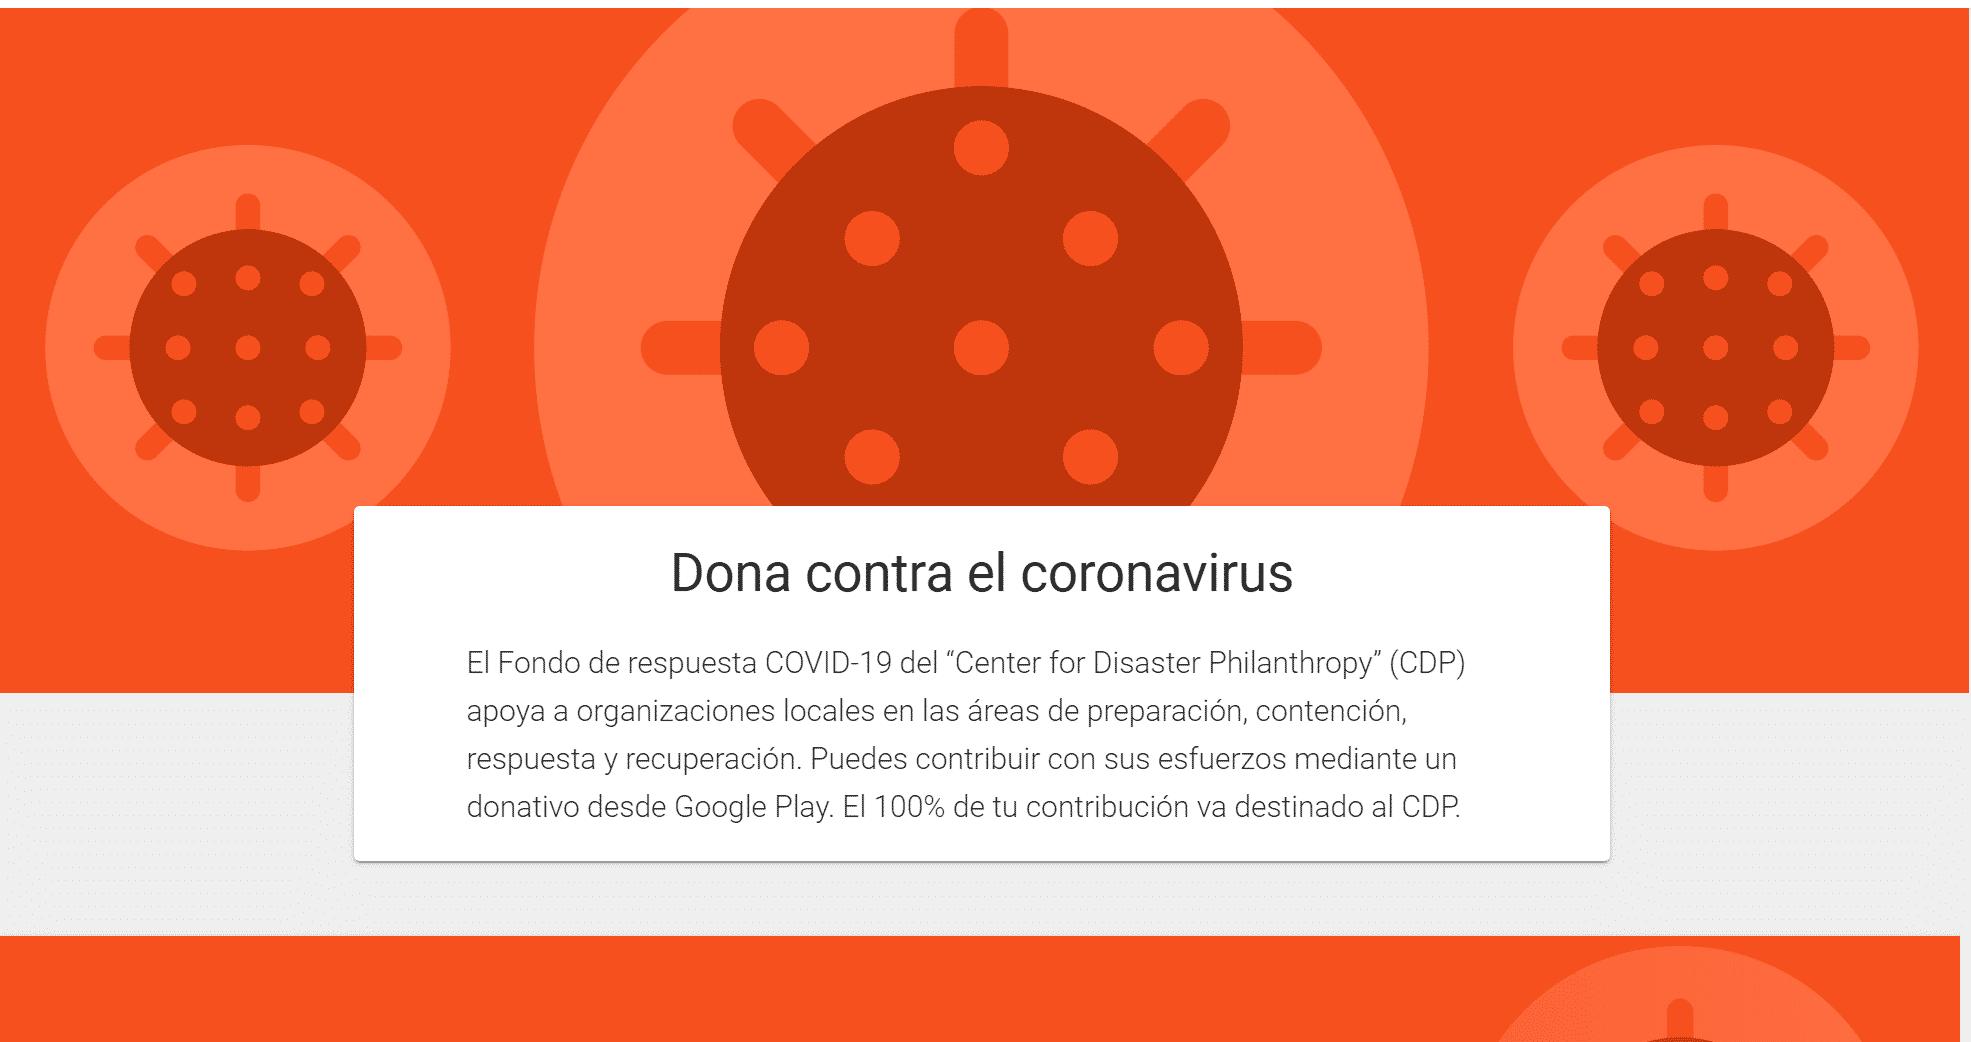 donaciones contra el coronavirus